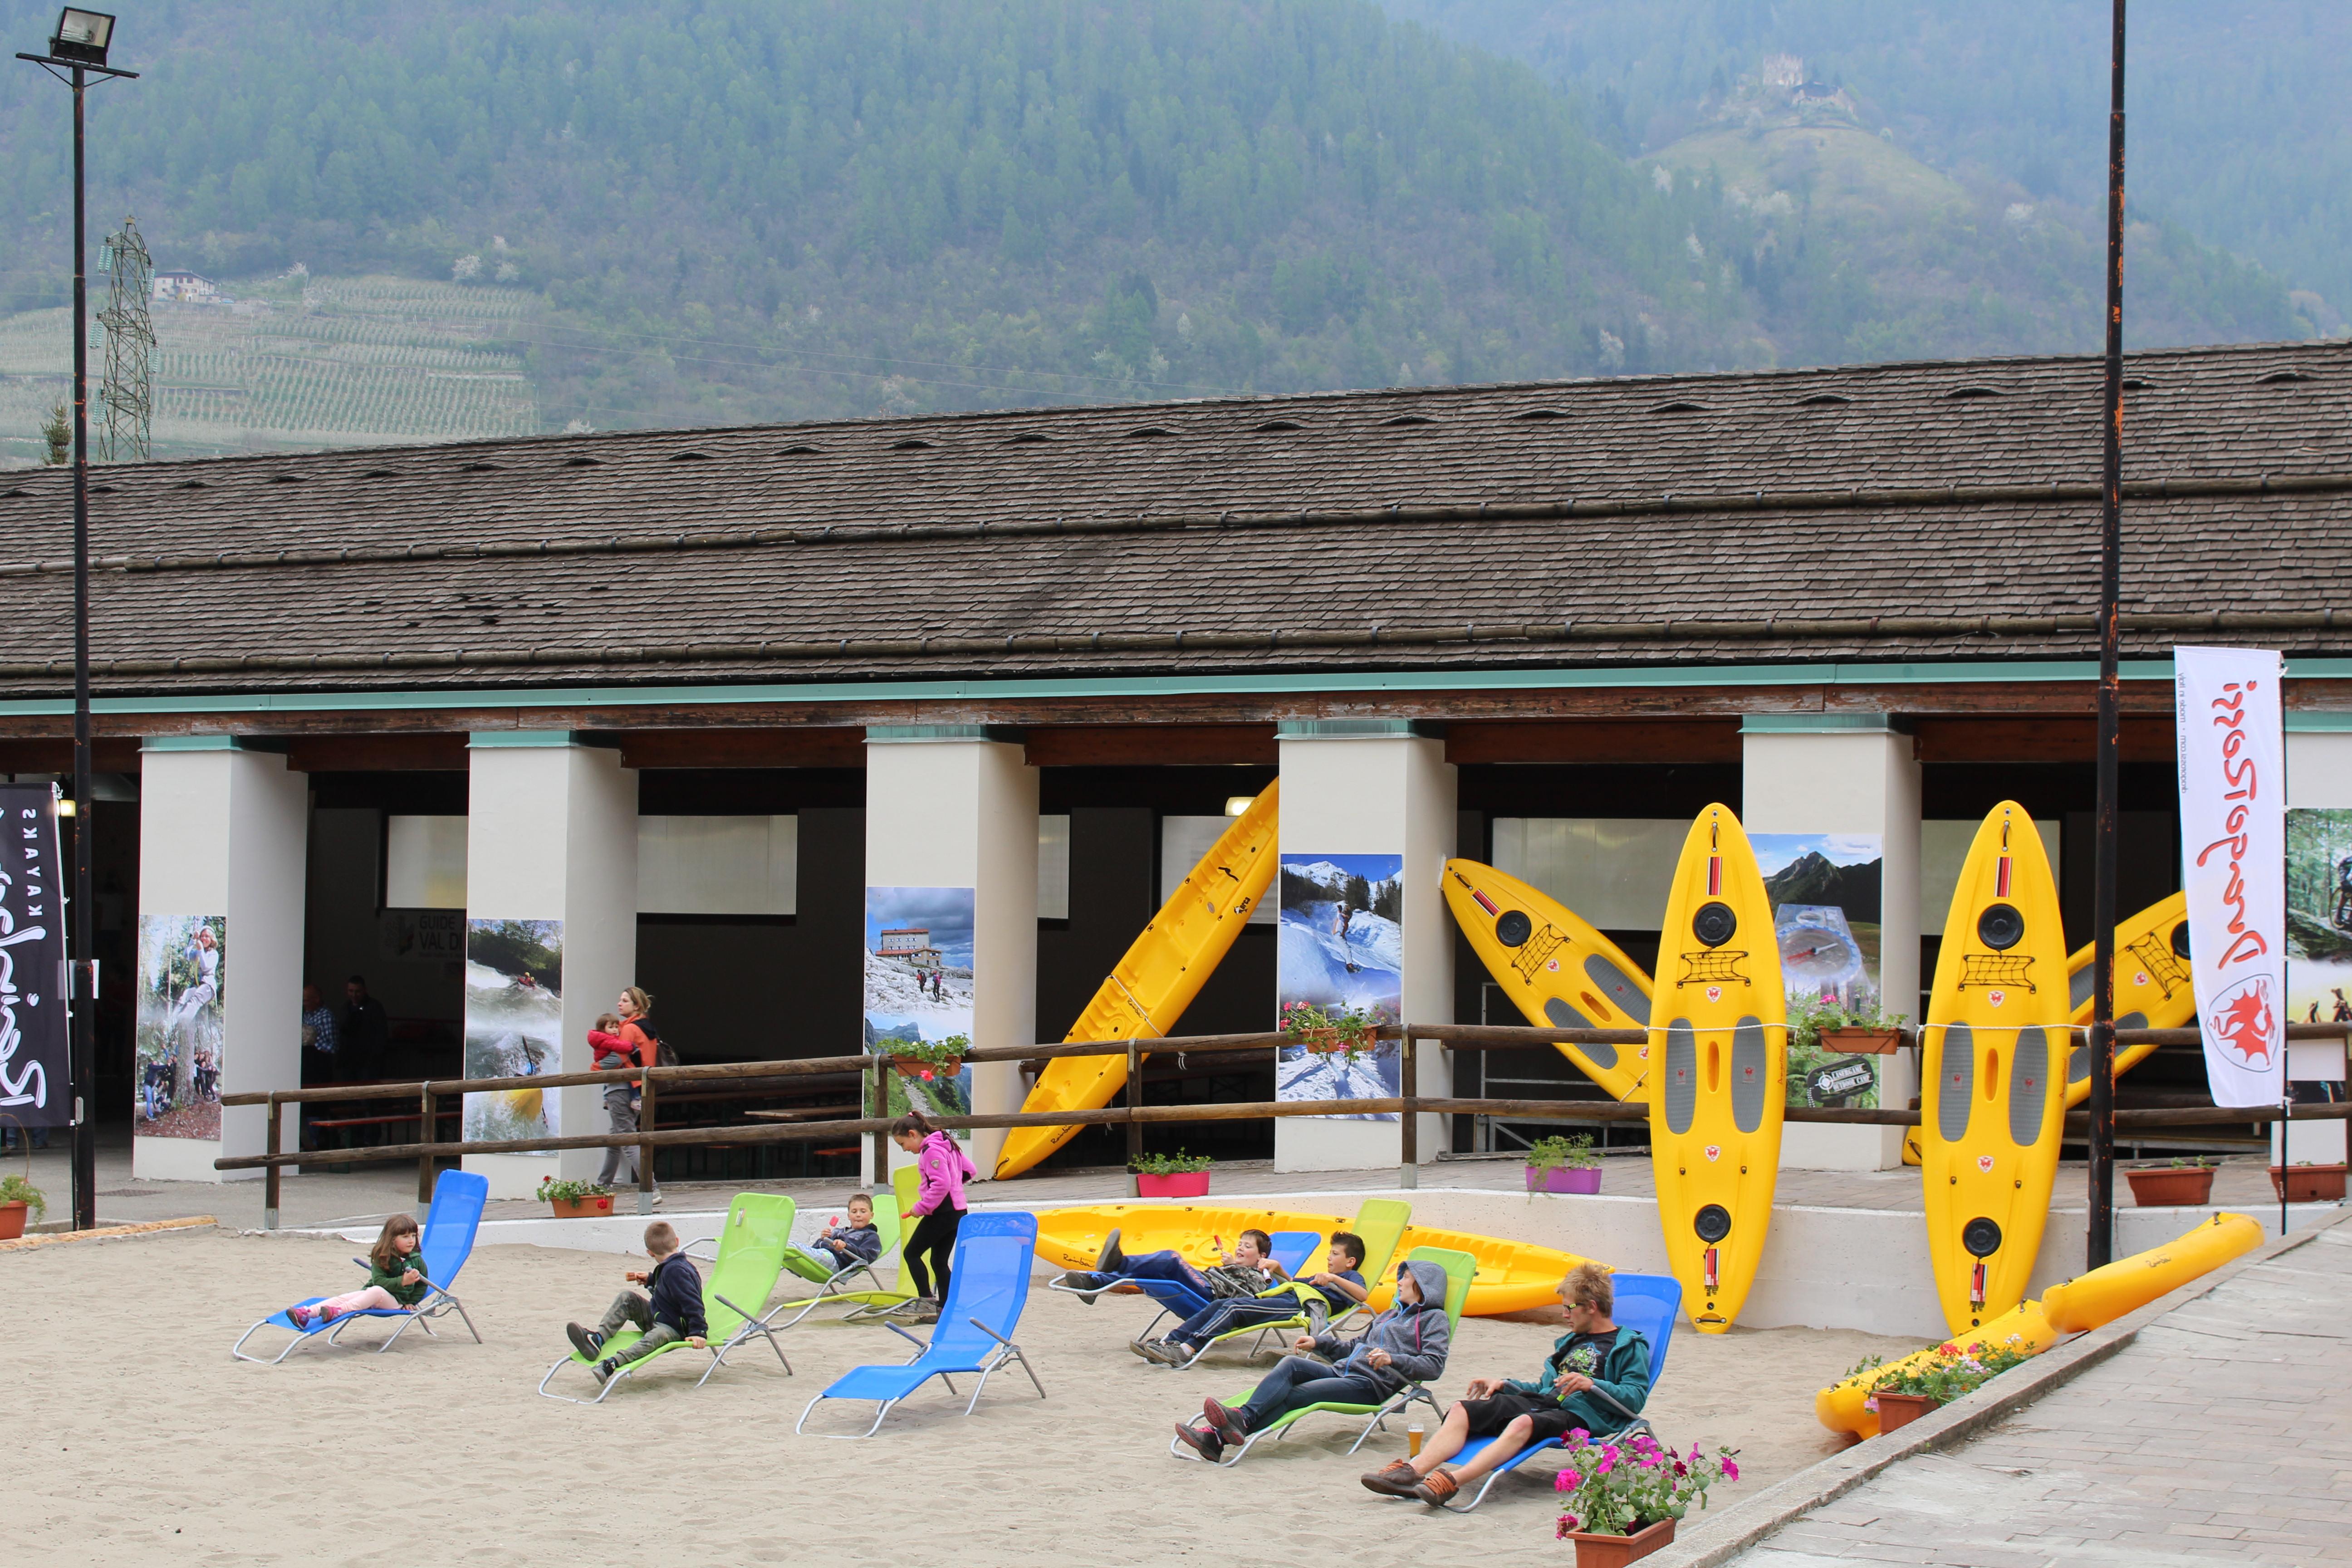 Trentino wild village